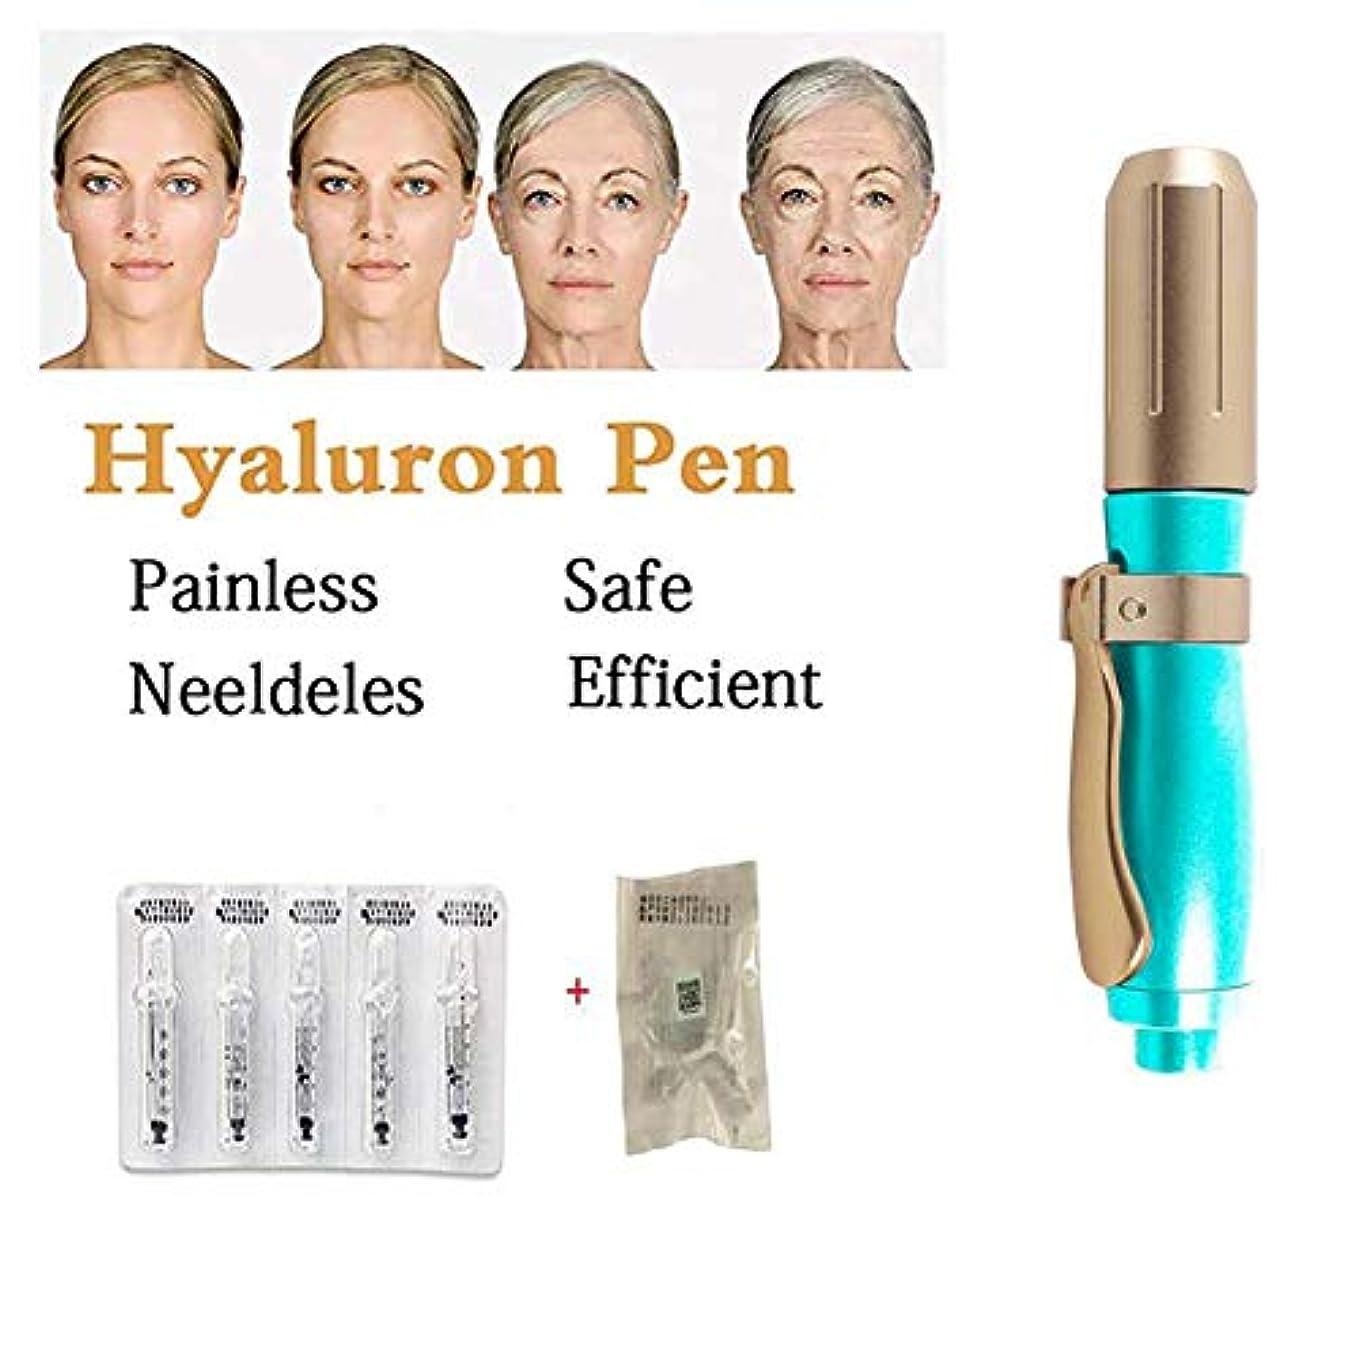 配列オーラル社会携帯用非侵襲的な噴霧器、ヒアルロン酸の注入のペンのヒアルロンのペンの高圧酸銃の反しわ水美機械